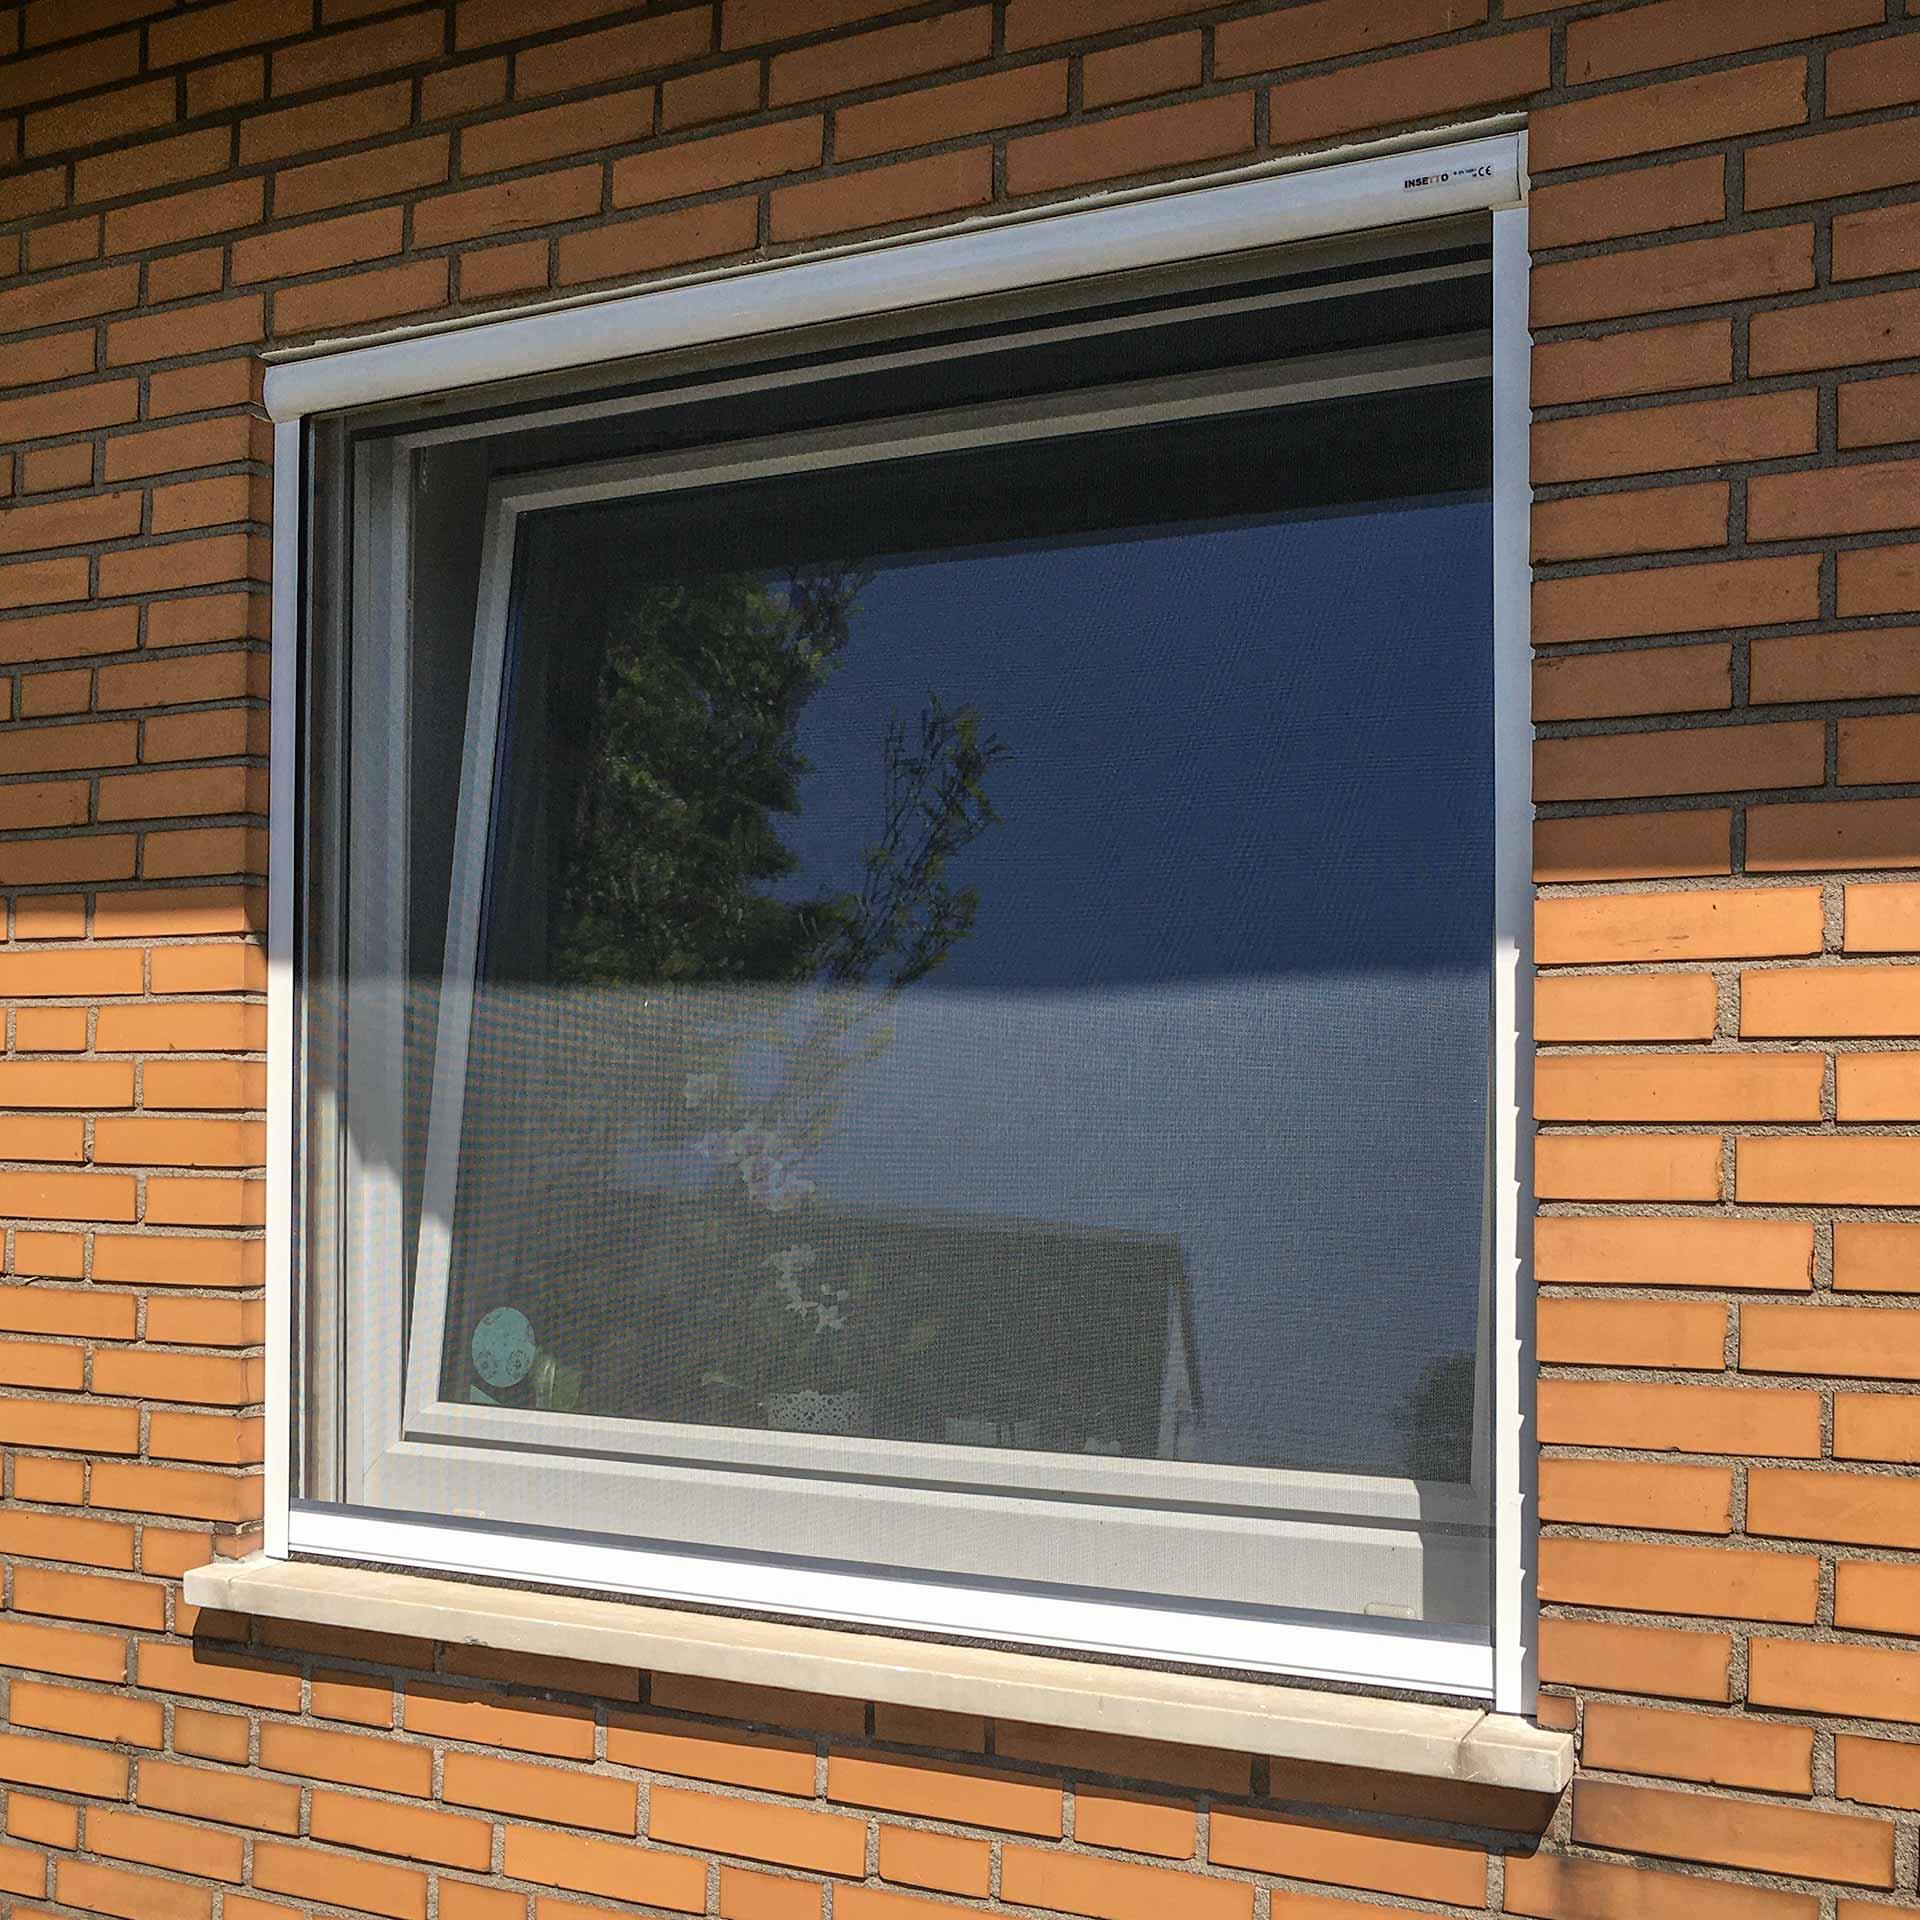 Insektenschutzrollo mit einstellbarer Federspannung für Fenster | Topline